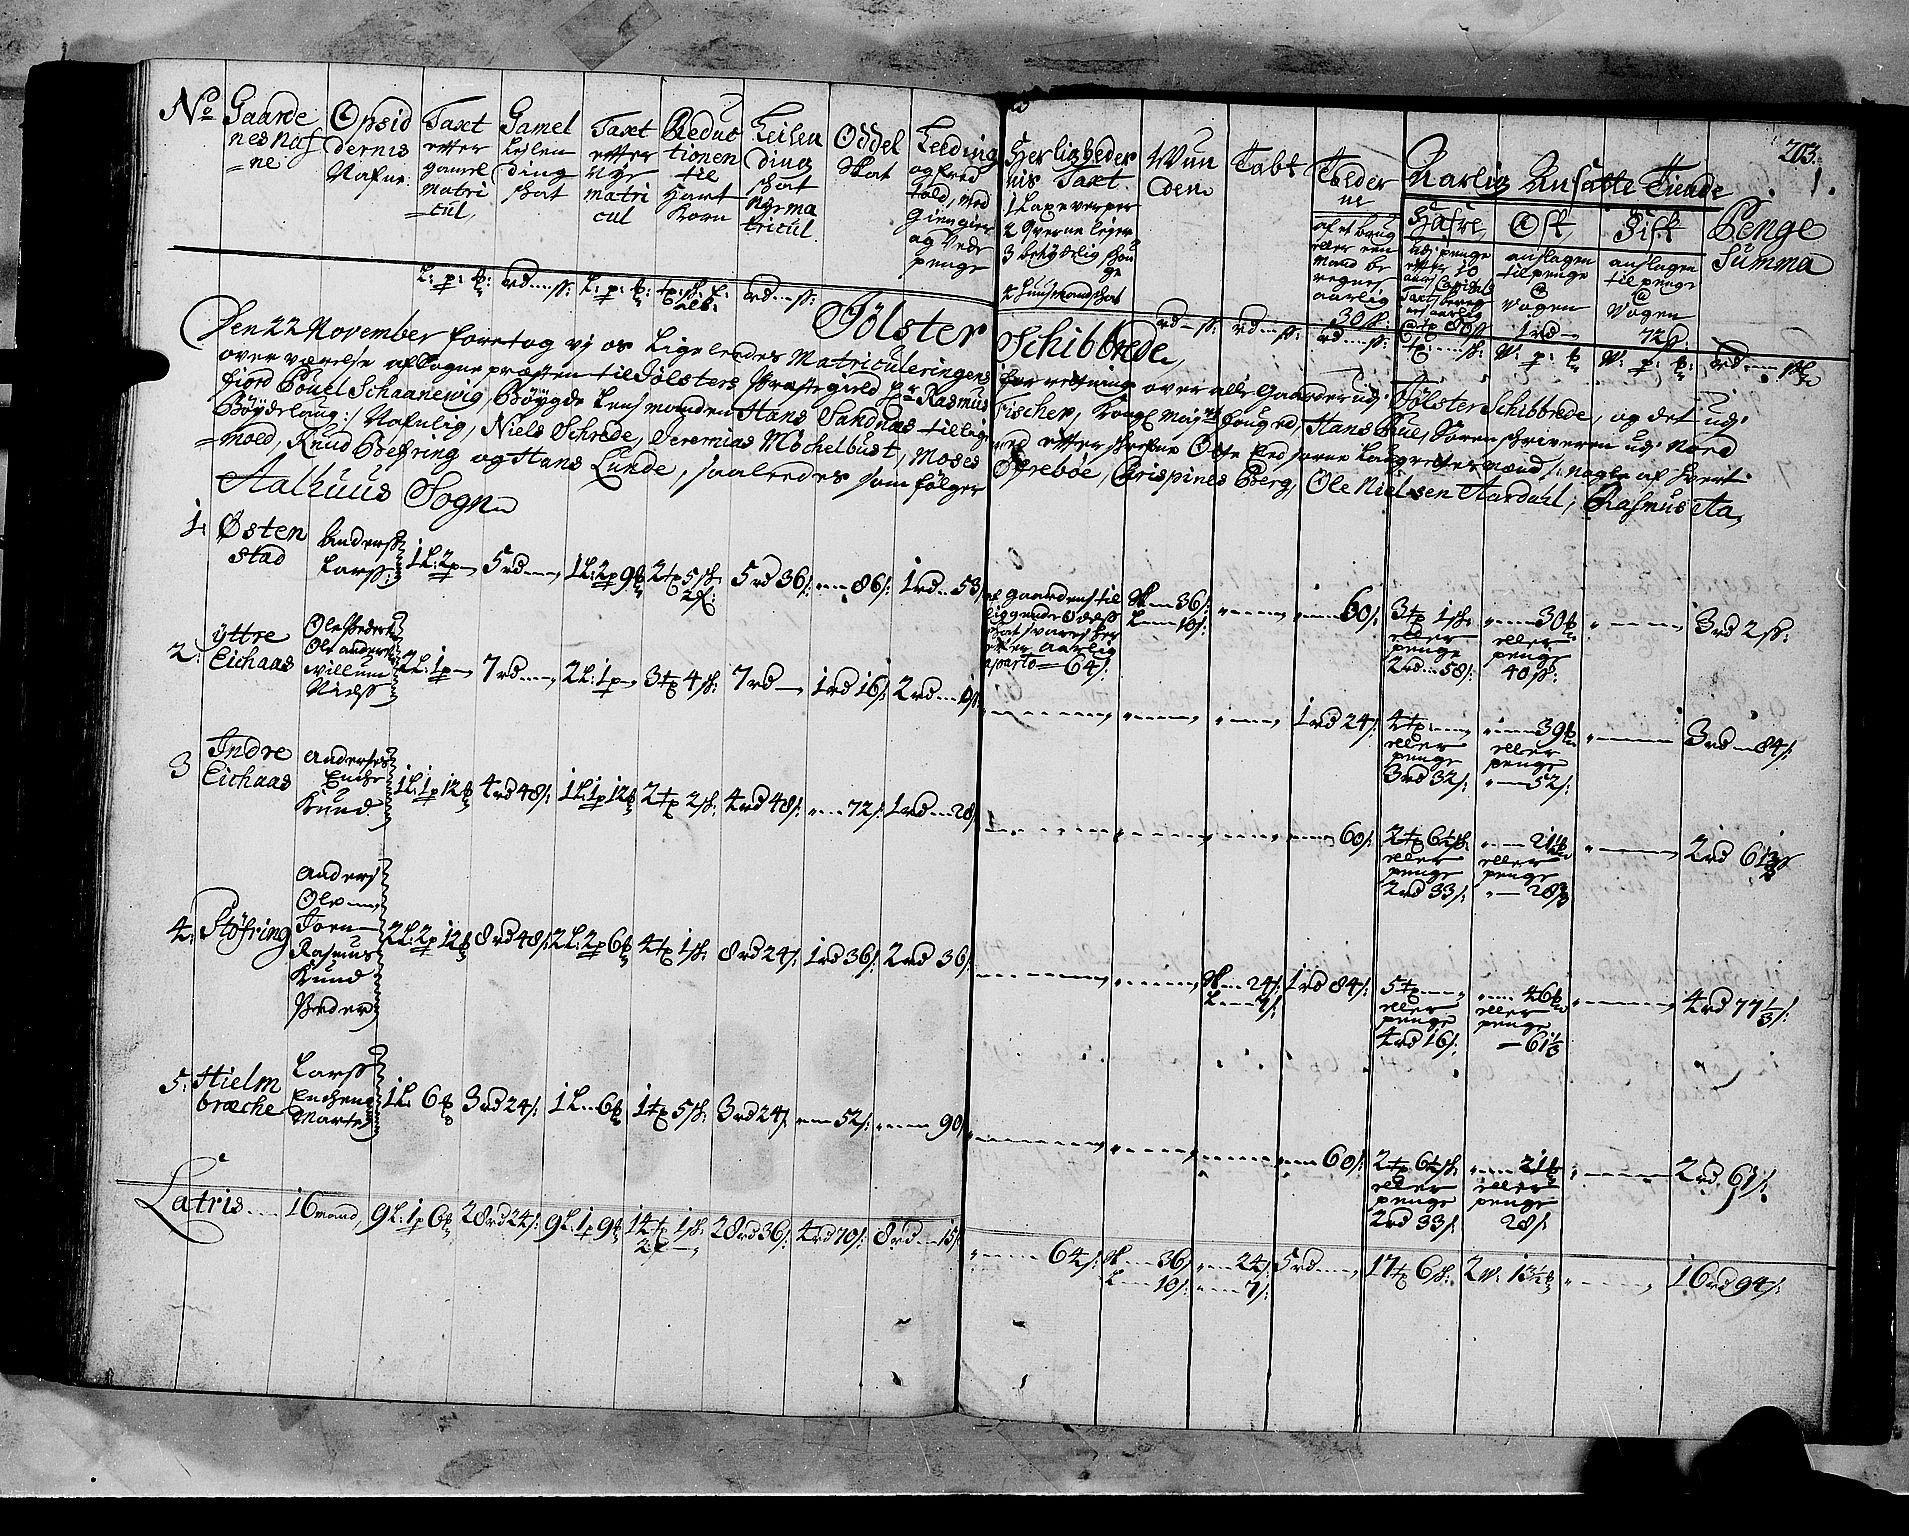 RA, Rentekammeret inntil 1814, Realistisk ordnet avdeling, N/Nb/Nbf/L0147: Sunnfjord og Nordfjord matrikkelprotokoll, 1723, s. 202b-203a